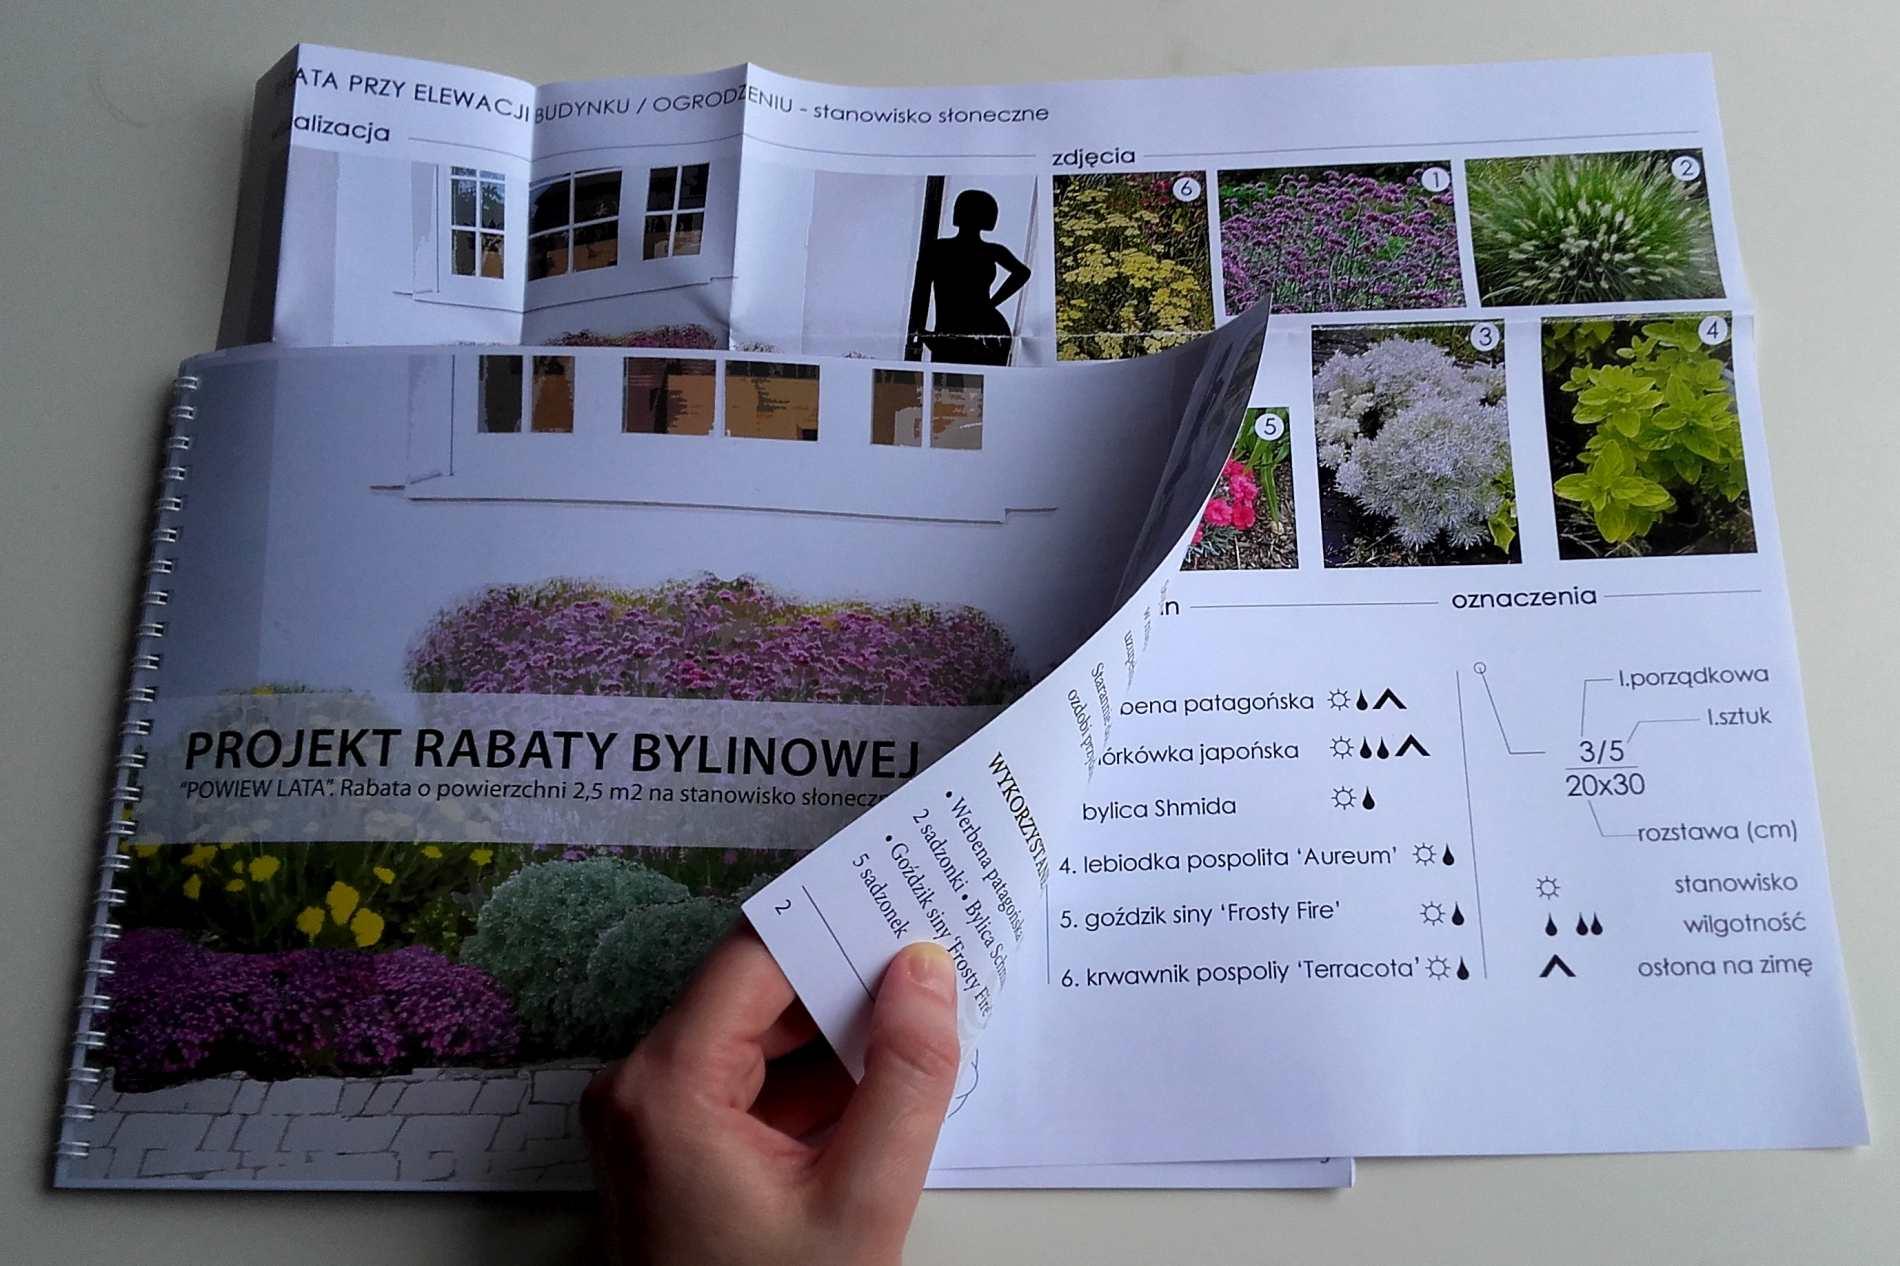 wydrukowany gotowy projekt rabaty bylinowej - powiew lata